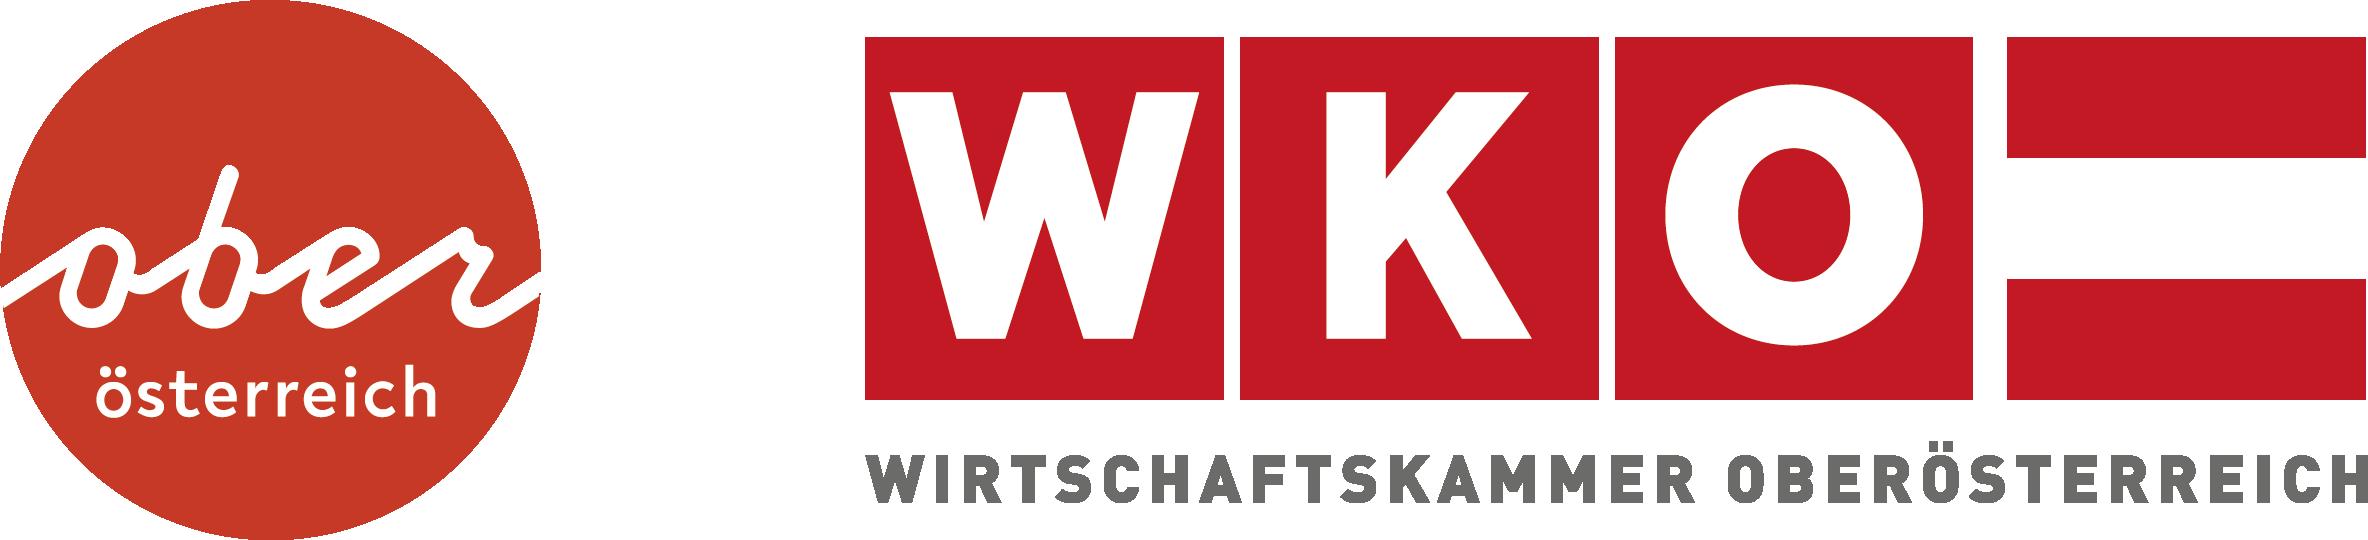 Land- & Wirtschaftskammer Oberösterreich